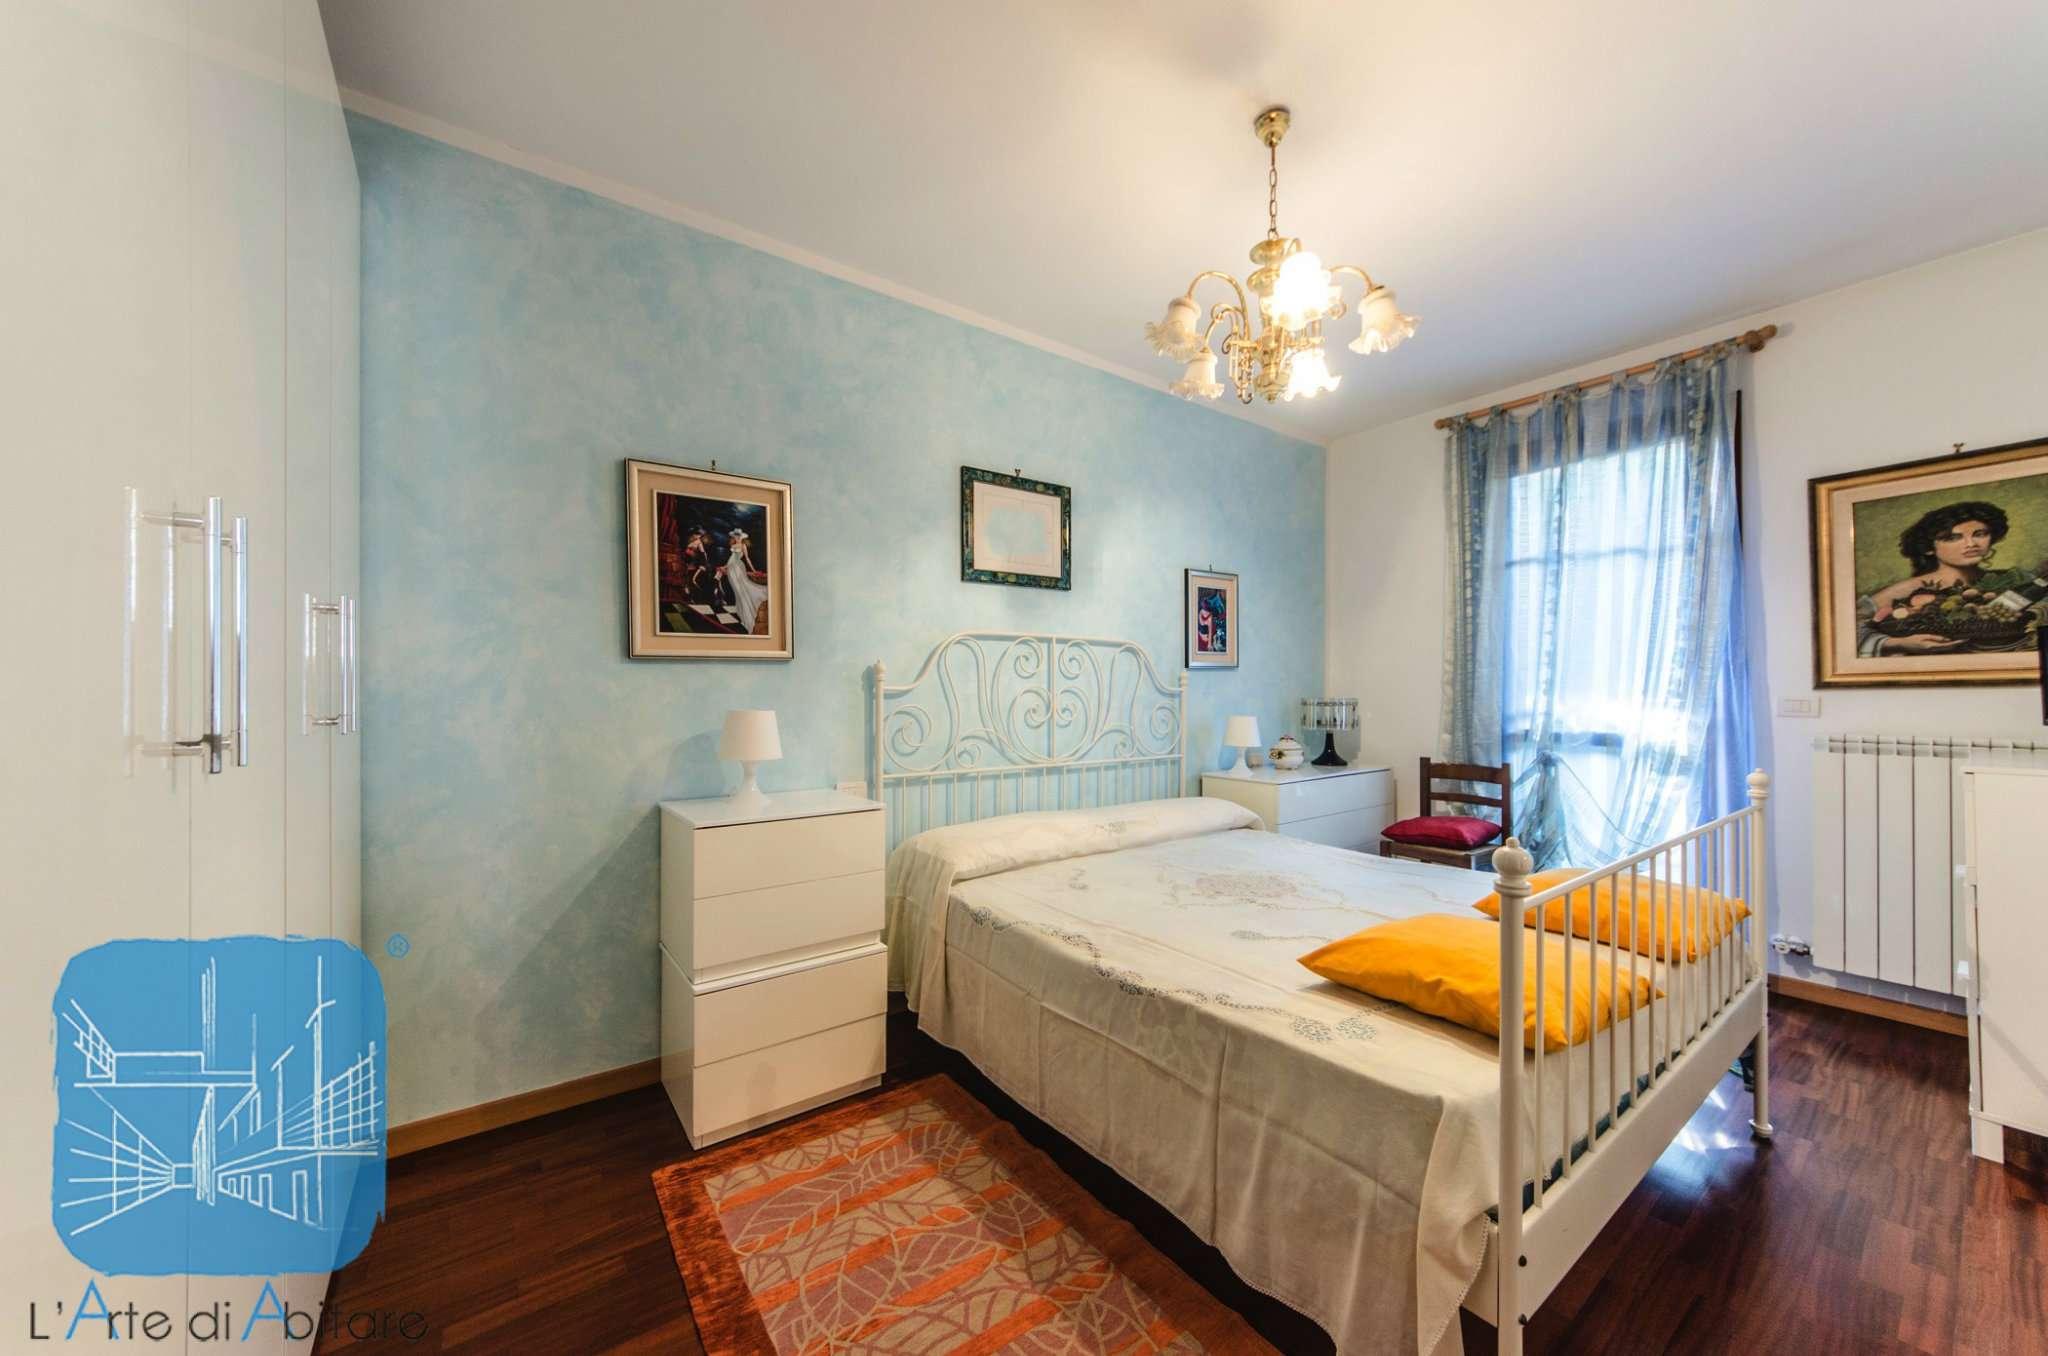 Appartamento in vendita a Piove di Sacco, 4 locali, prezzo € 105.000 | Cambio Casa.it